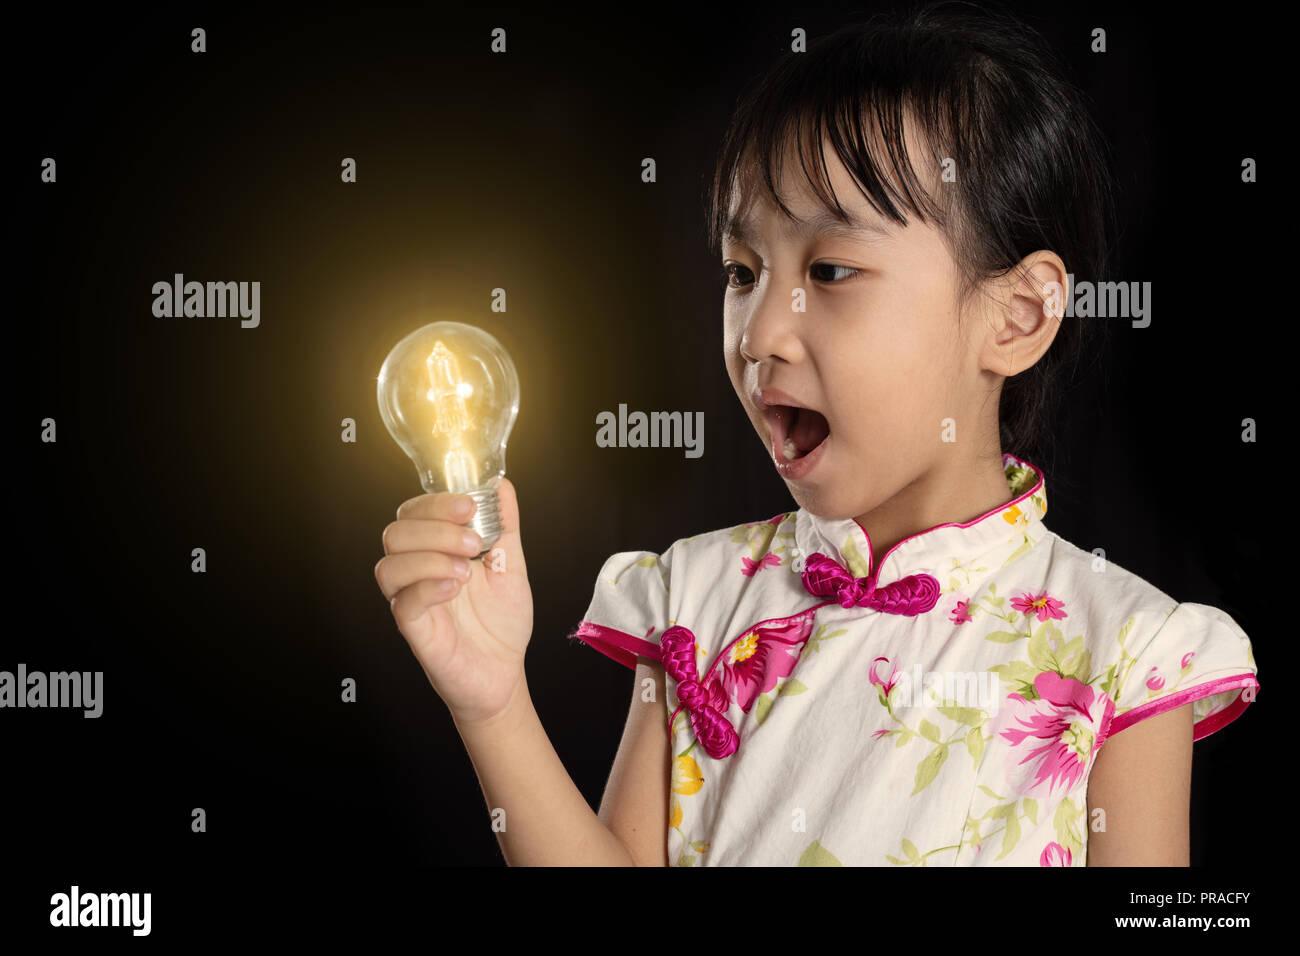 Cinese asiatici bambina tenendo una lampadina in isolati su sfondo nero Immagini Stock